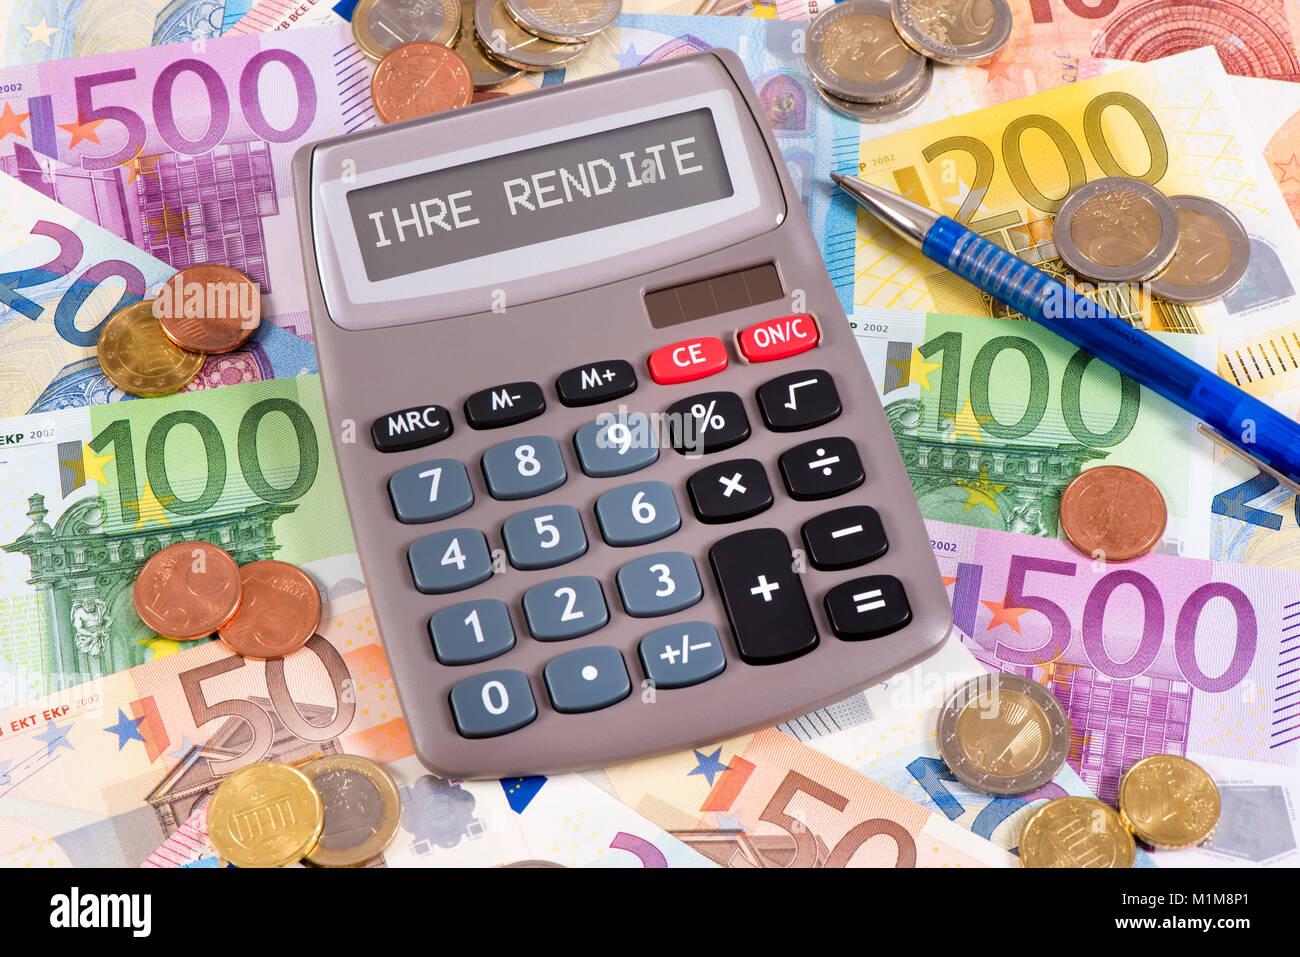 Taschenrechner mit Aufschrift Ihre Rendite - Stock Image